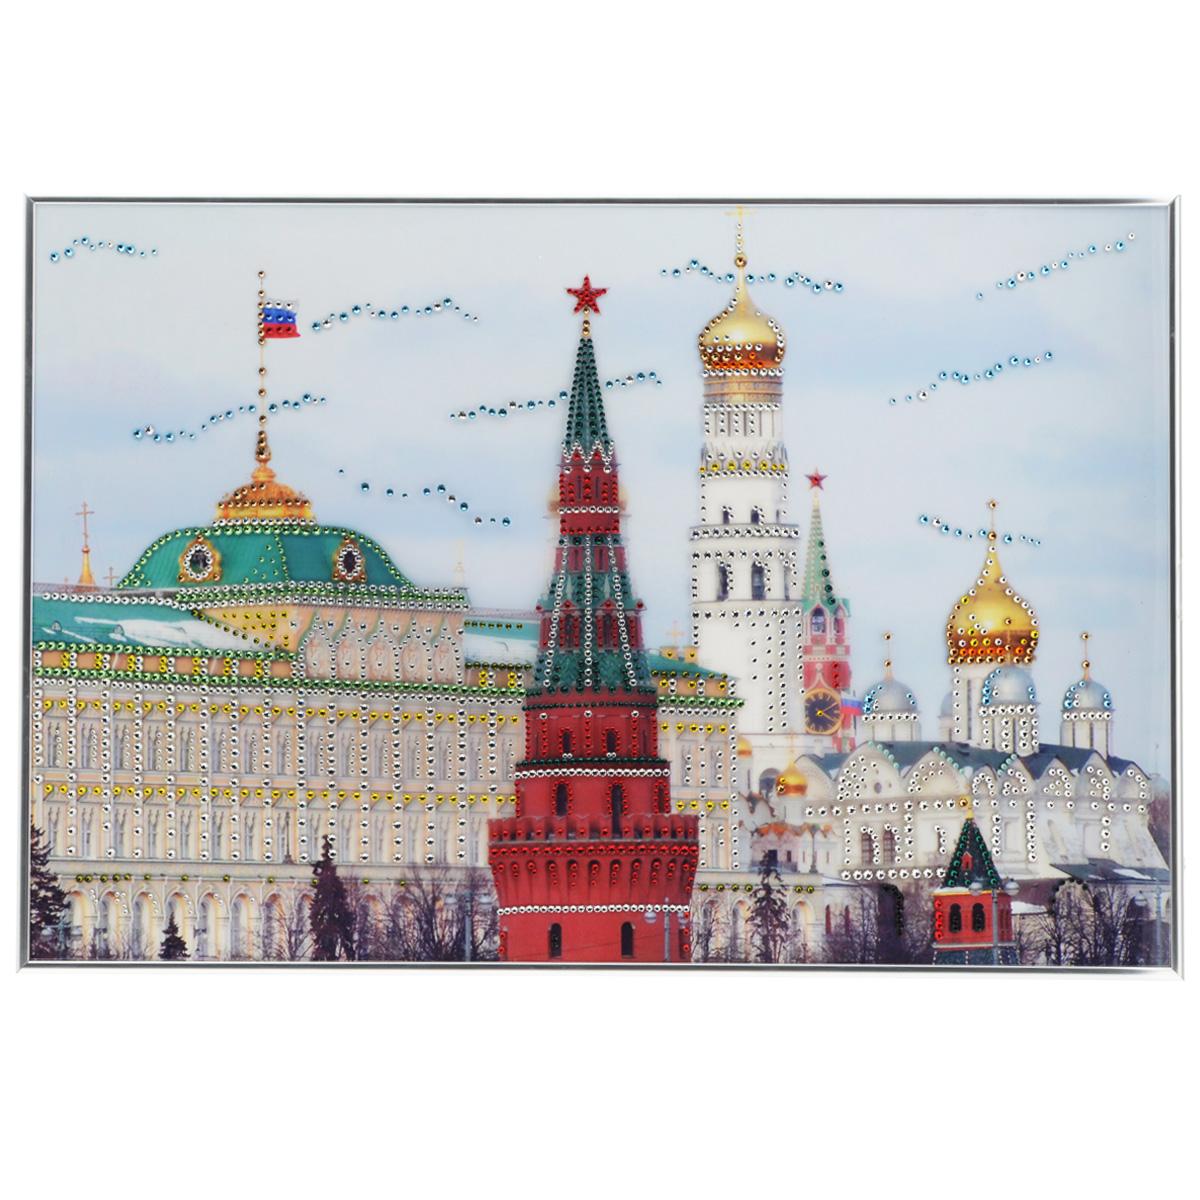 Картина с кристаллами Swarovski Дом Правительства, 60 см х 40 см1093Изящная картина в металлической раме, инкрустирована кристаллами Swarovski, которые отличаются четкой и ровной огранкой, ярким блеском и чистотой цвета. Красочное изображение президентской резиденции, расположенное под стеклом, прекрасно дополняет блеск кристаллов. С обратной стороны имеется металлическая петелька для размещения картины на стене. Картина с кристаллами Swarovski Дом Правительства элегантно украсит интерьер дома или офиса, а также станет прекрасным подарком, который обязательно понравится получателю. Блеск кристаллов в интерьере, что может быть сказочнее и удивительнее. Картина упакована в подарочную картонную коробку синего цвета и комплектуется сертификатом соответствия Swarovski.